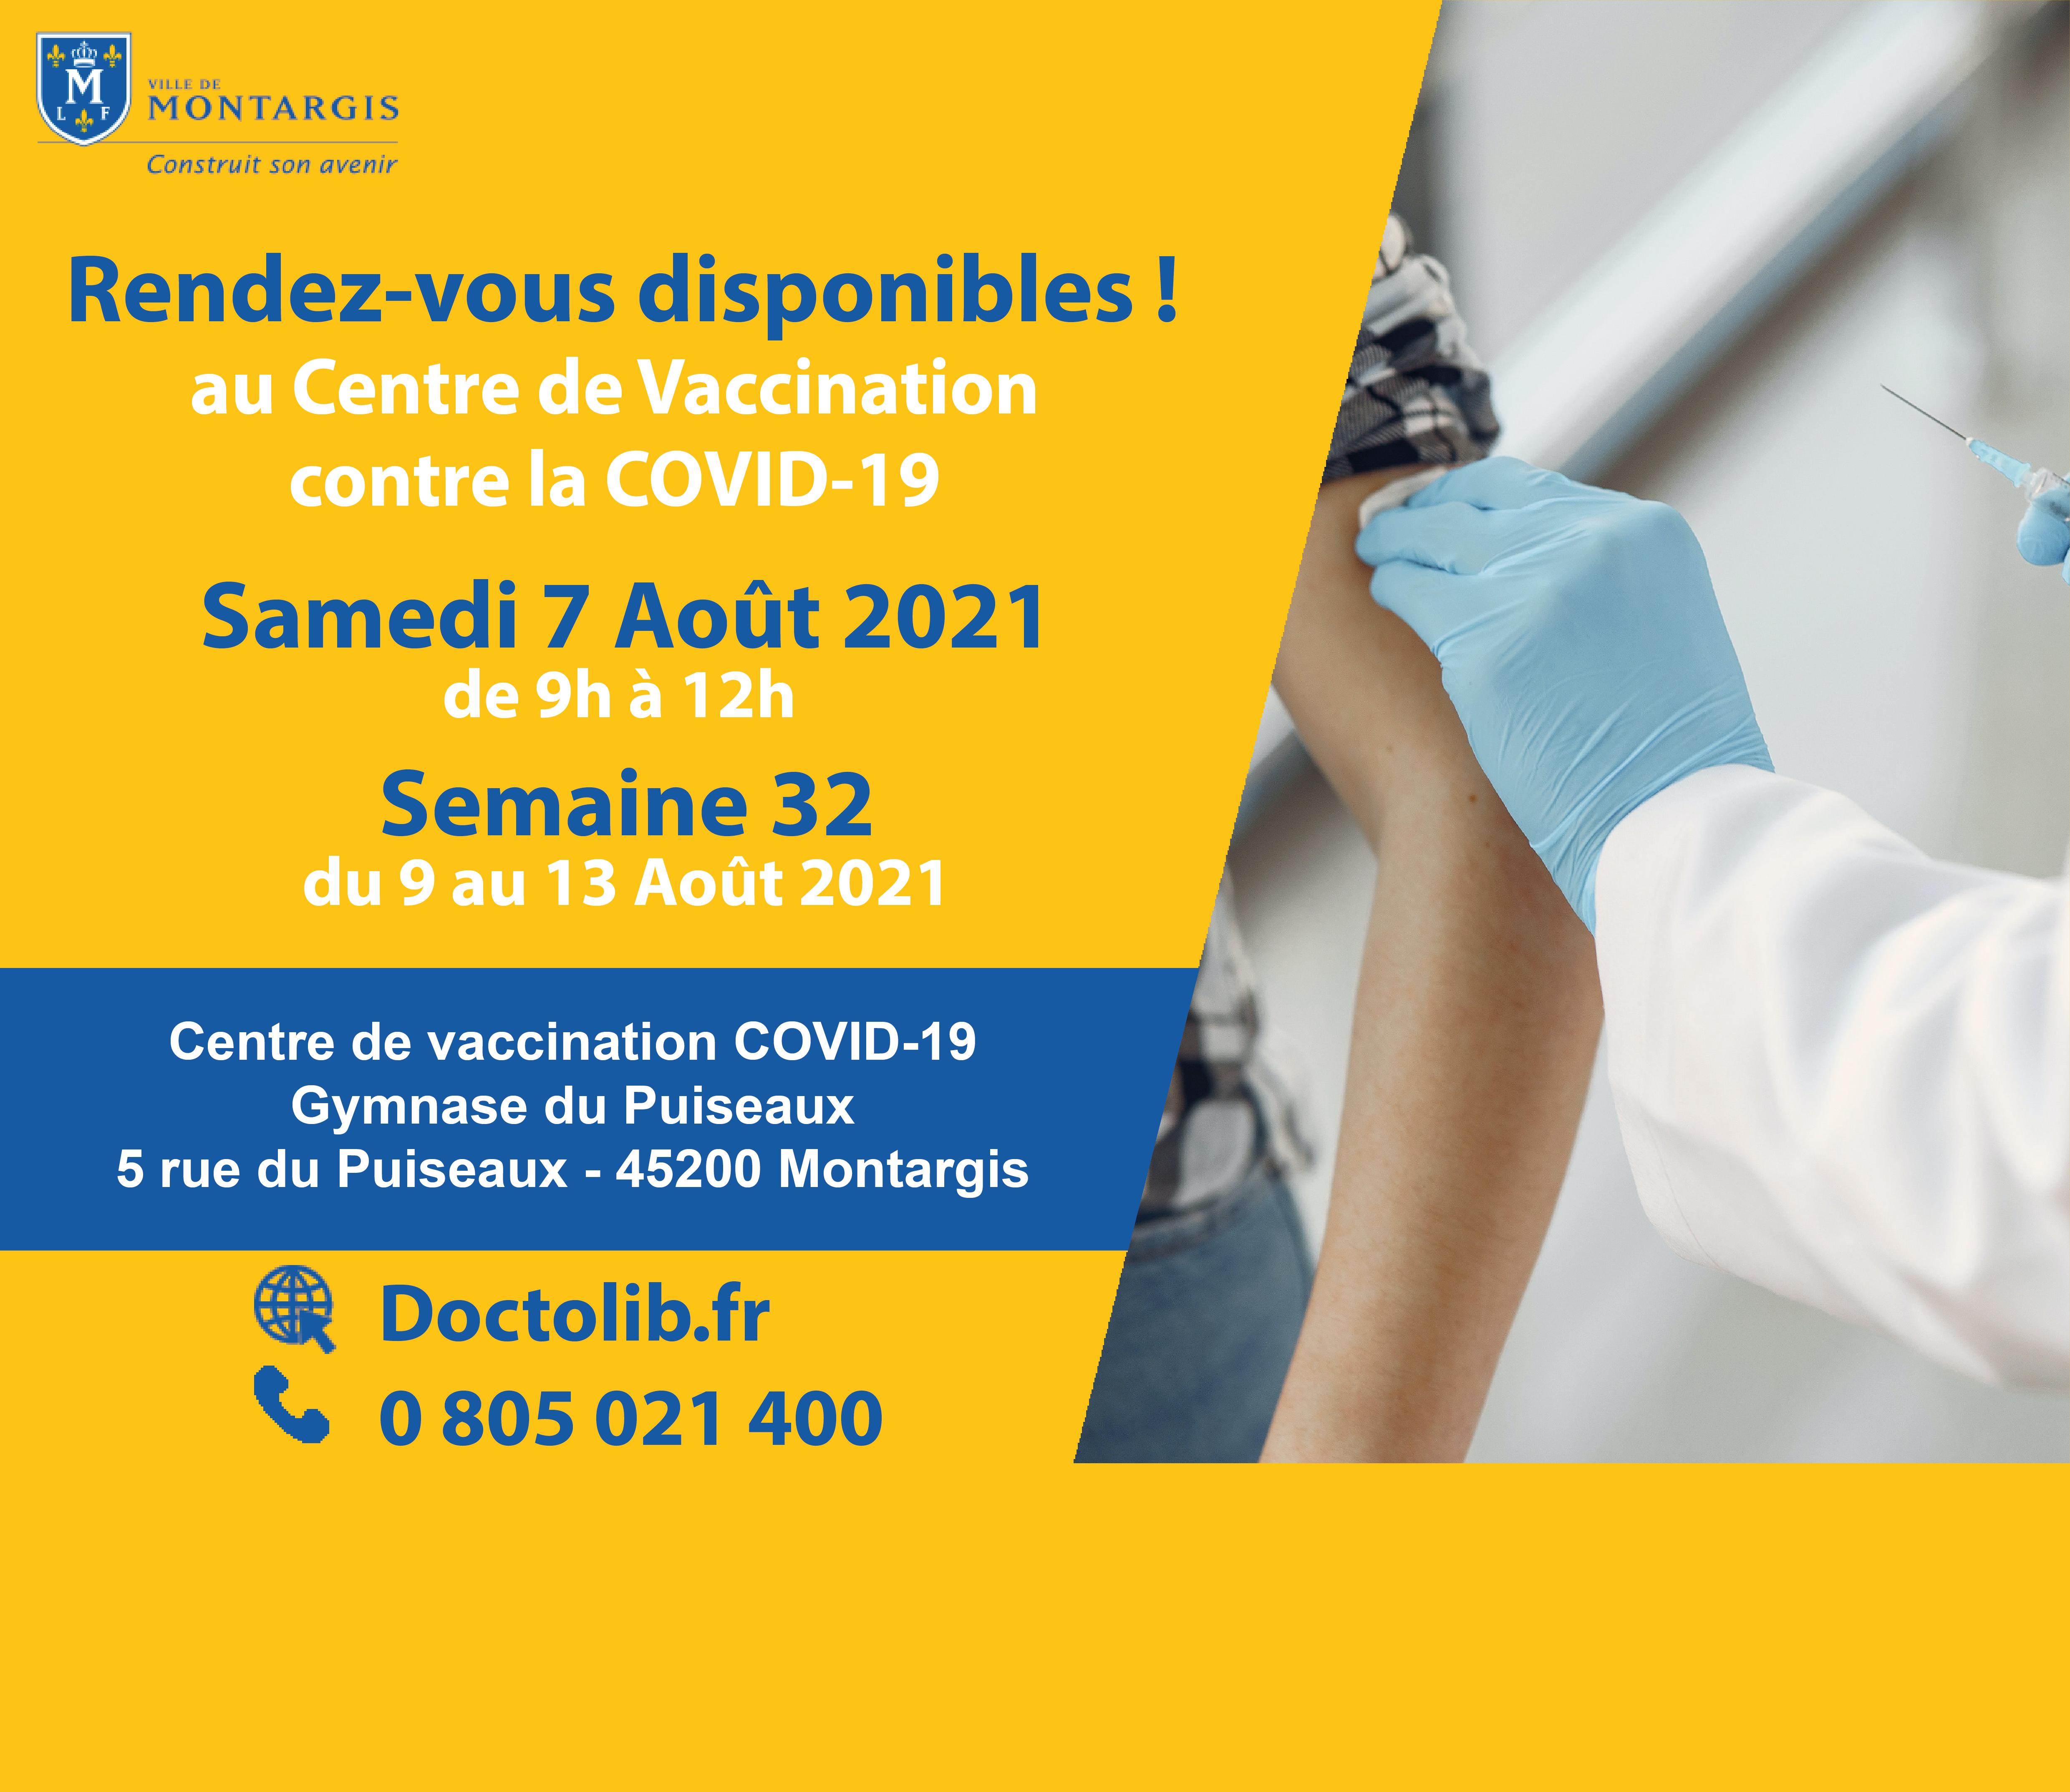 CRÉNEAUX DE VACCINATION DISPONIBLES